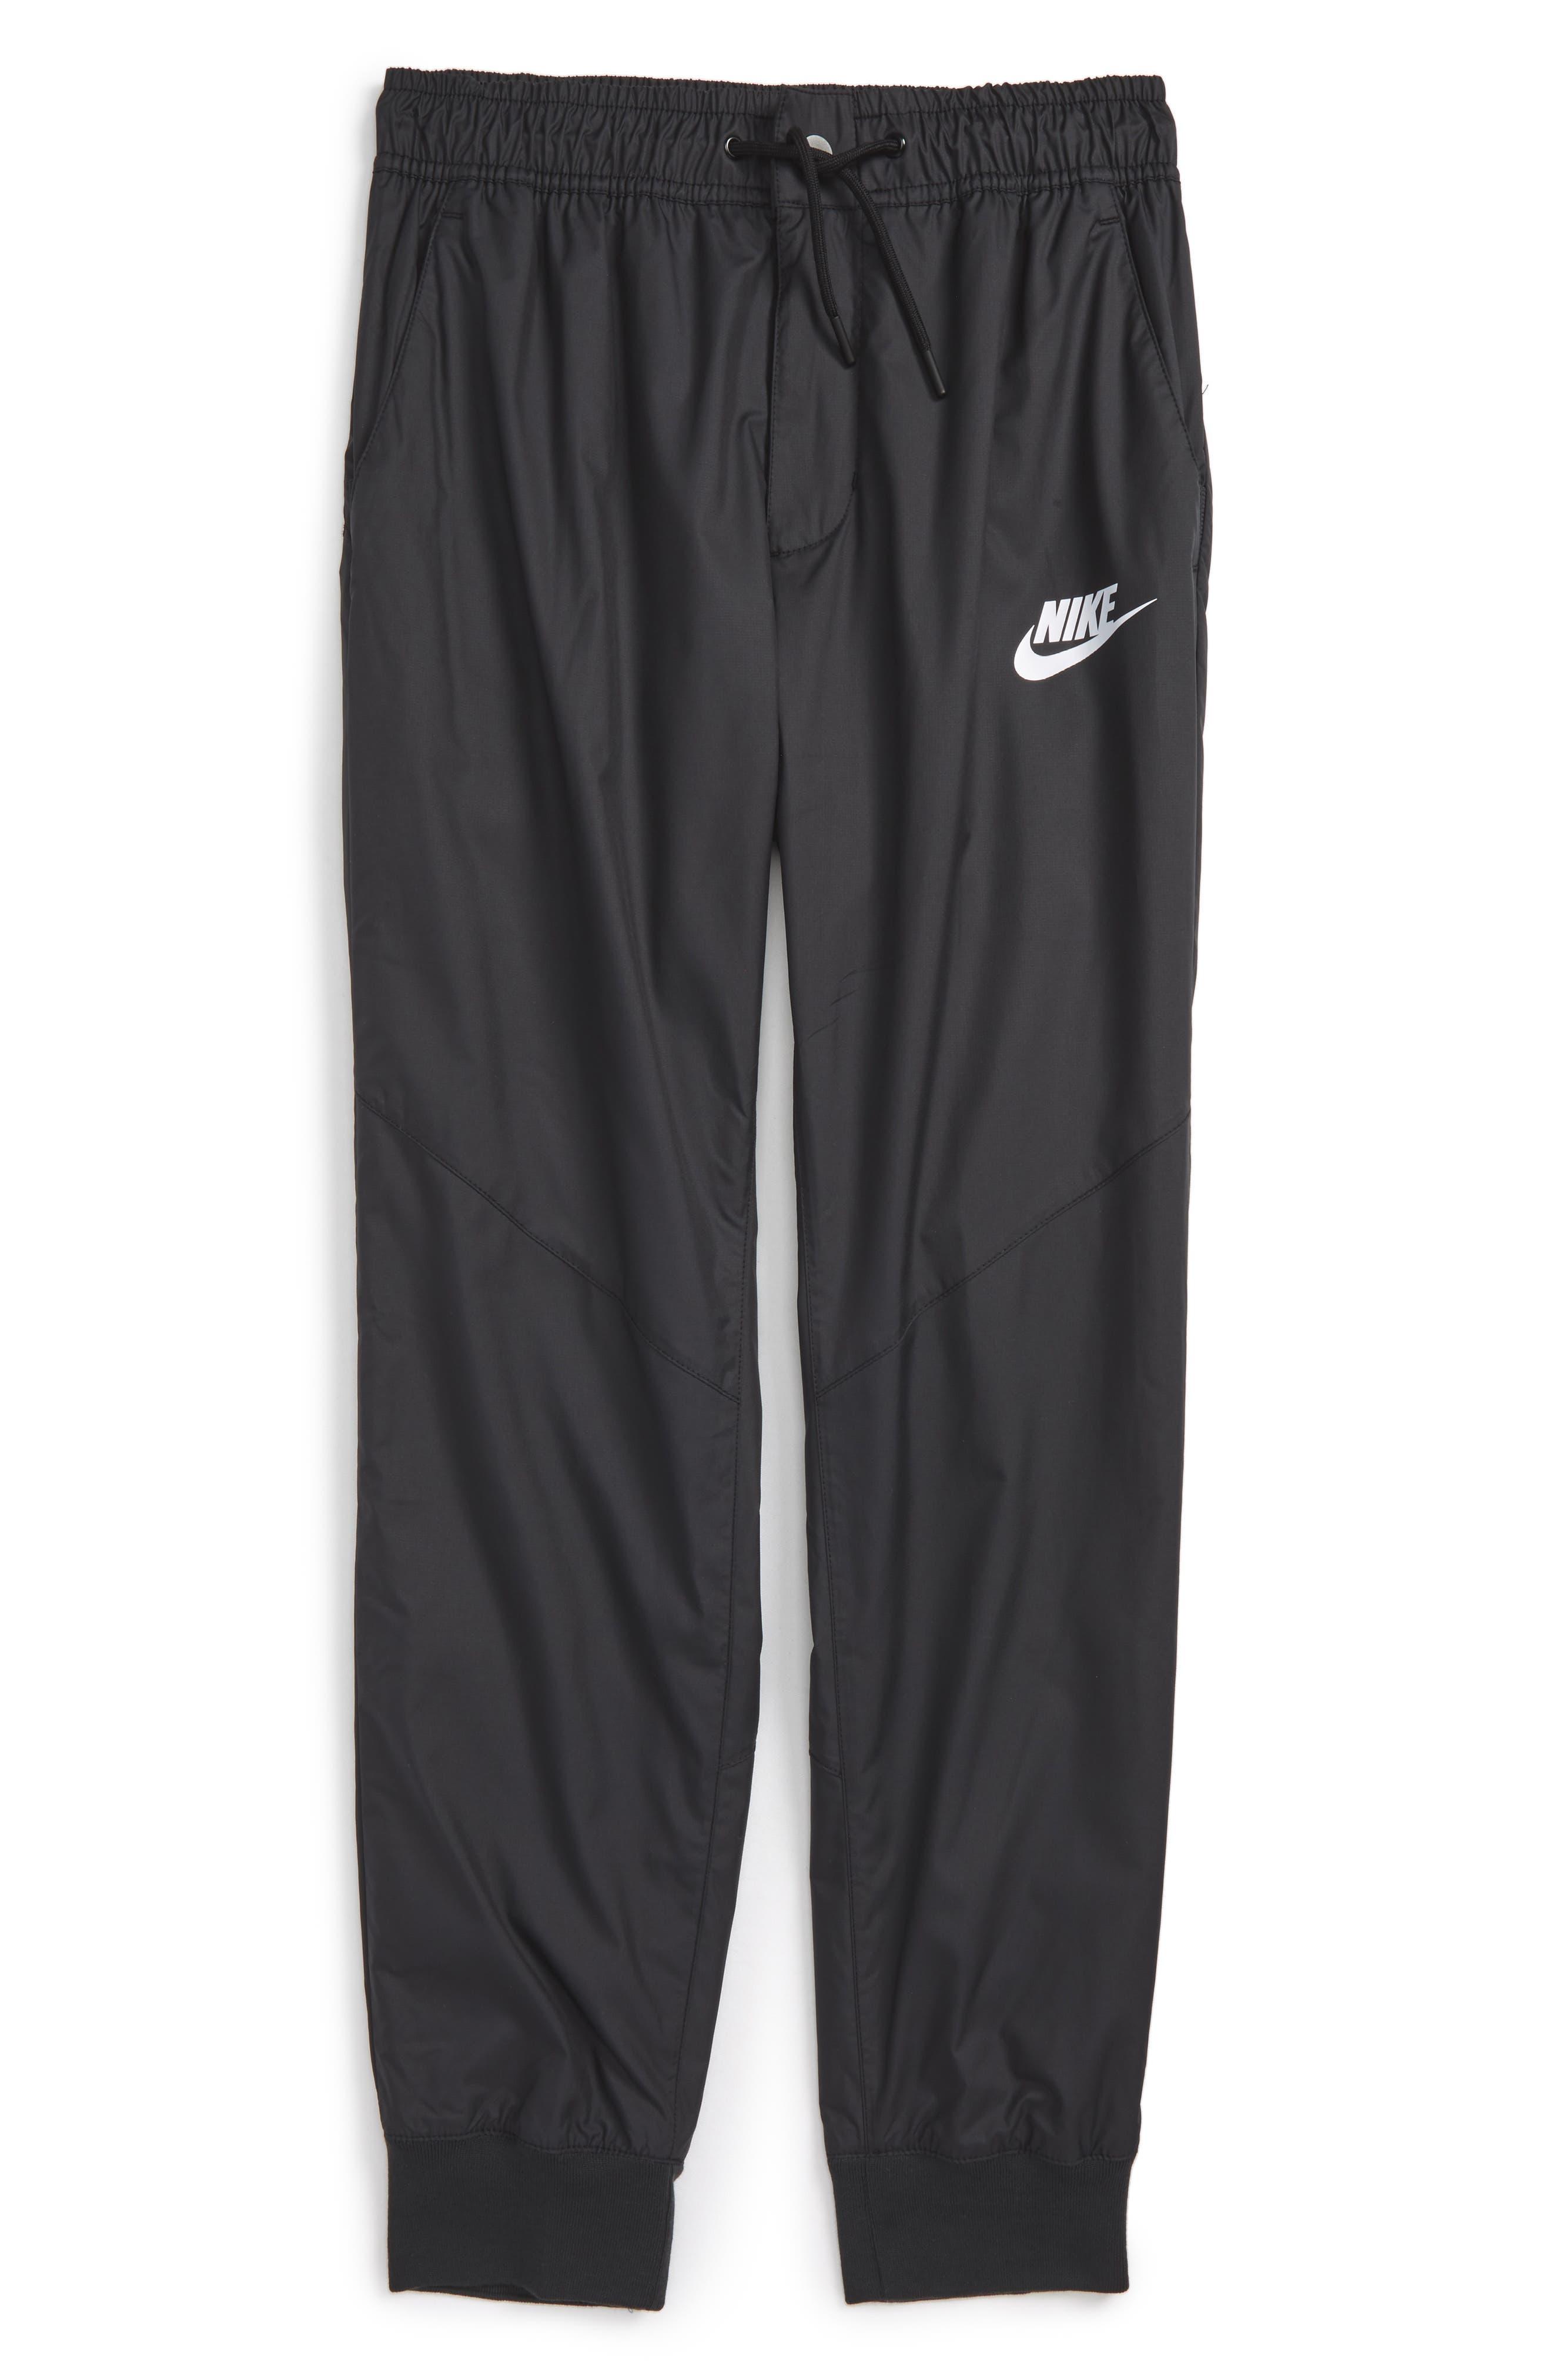 Nike Sportswear Water Resistant Pants (Little Boys & Big Boys)